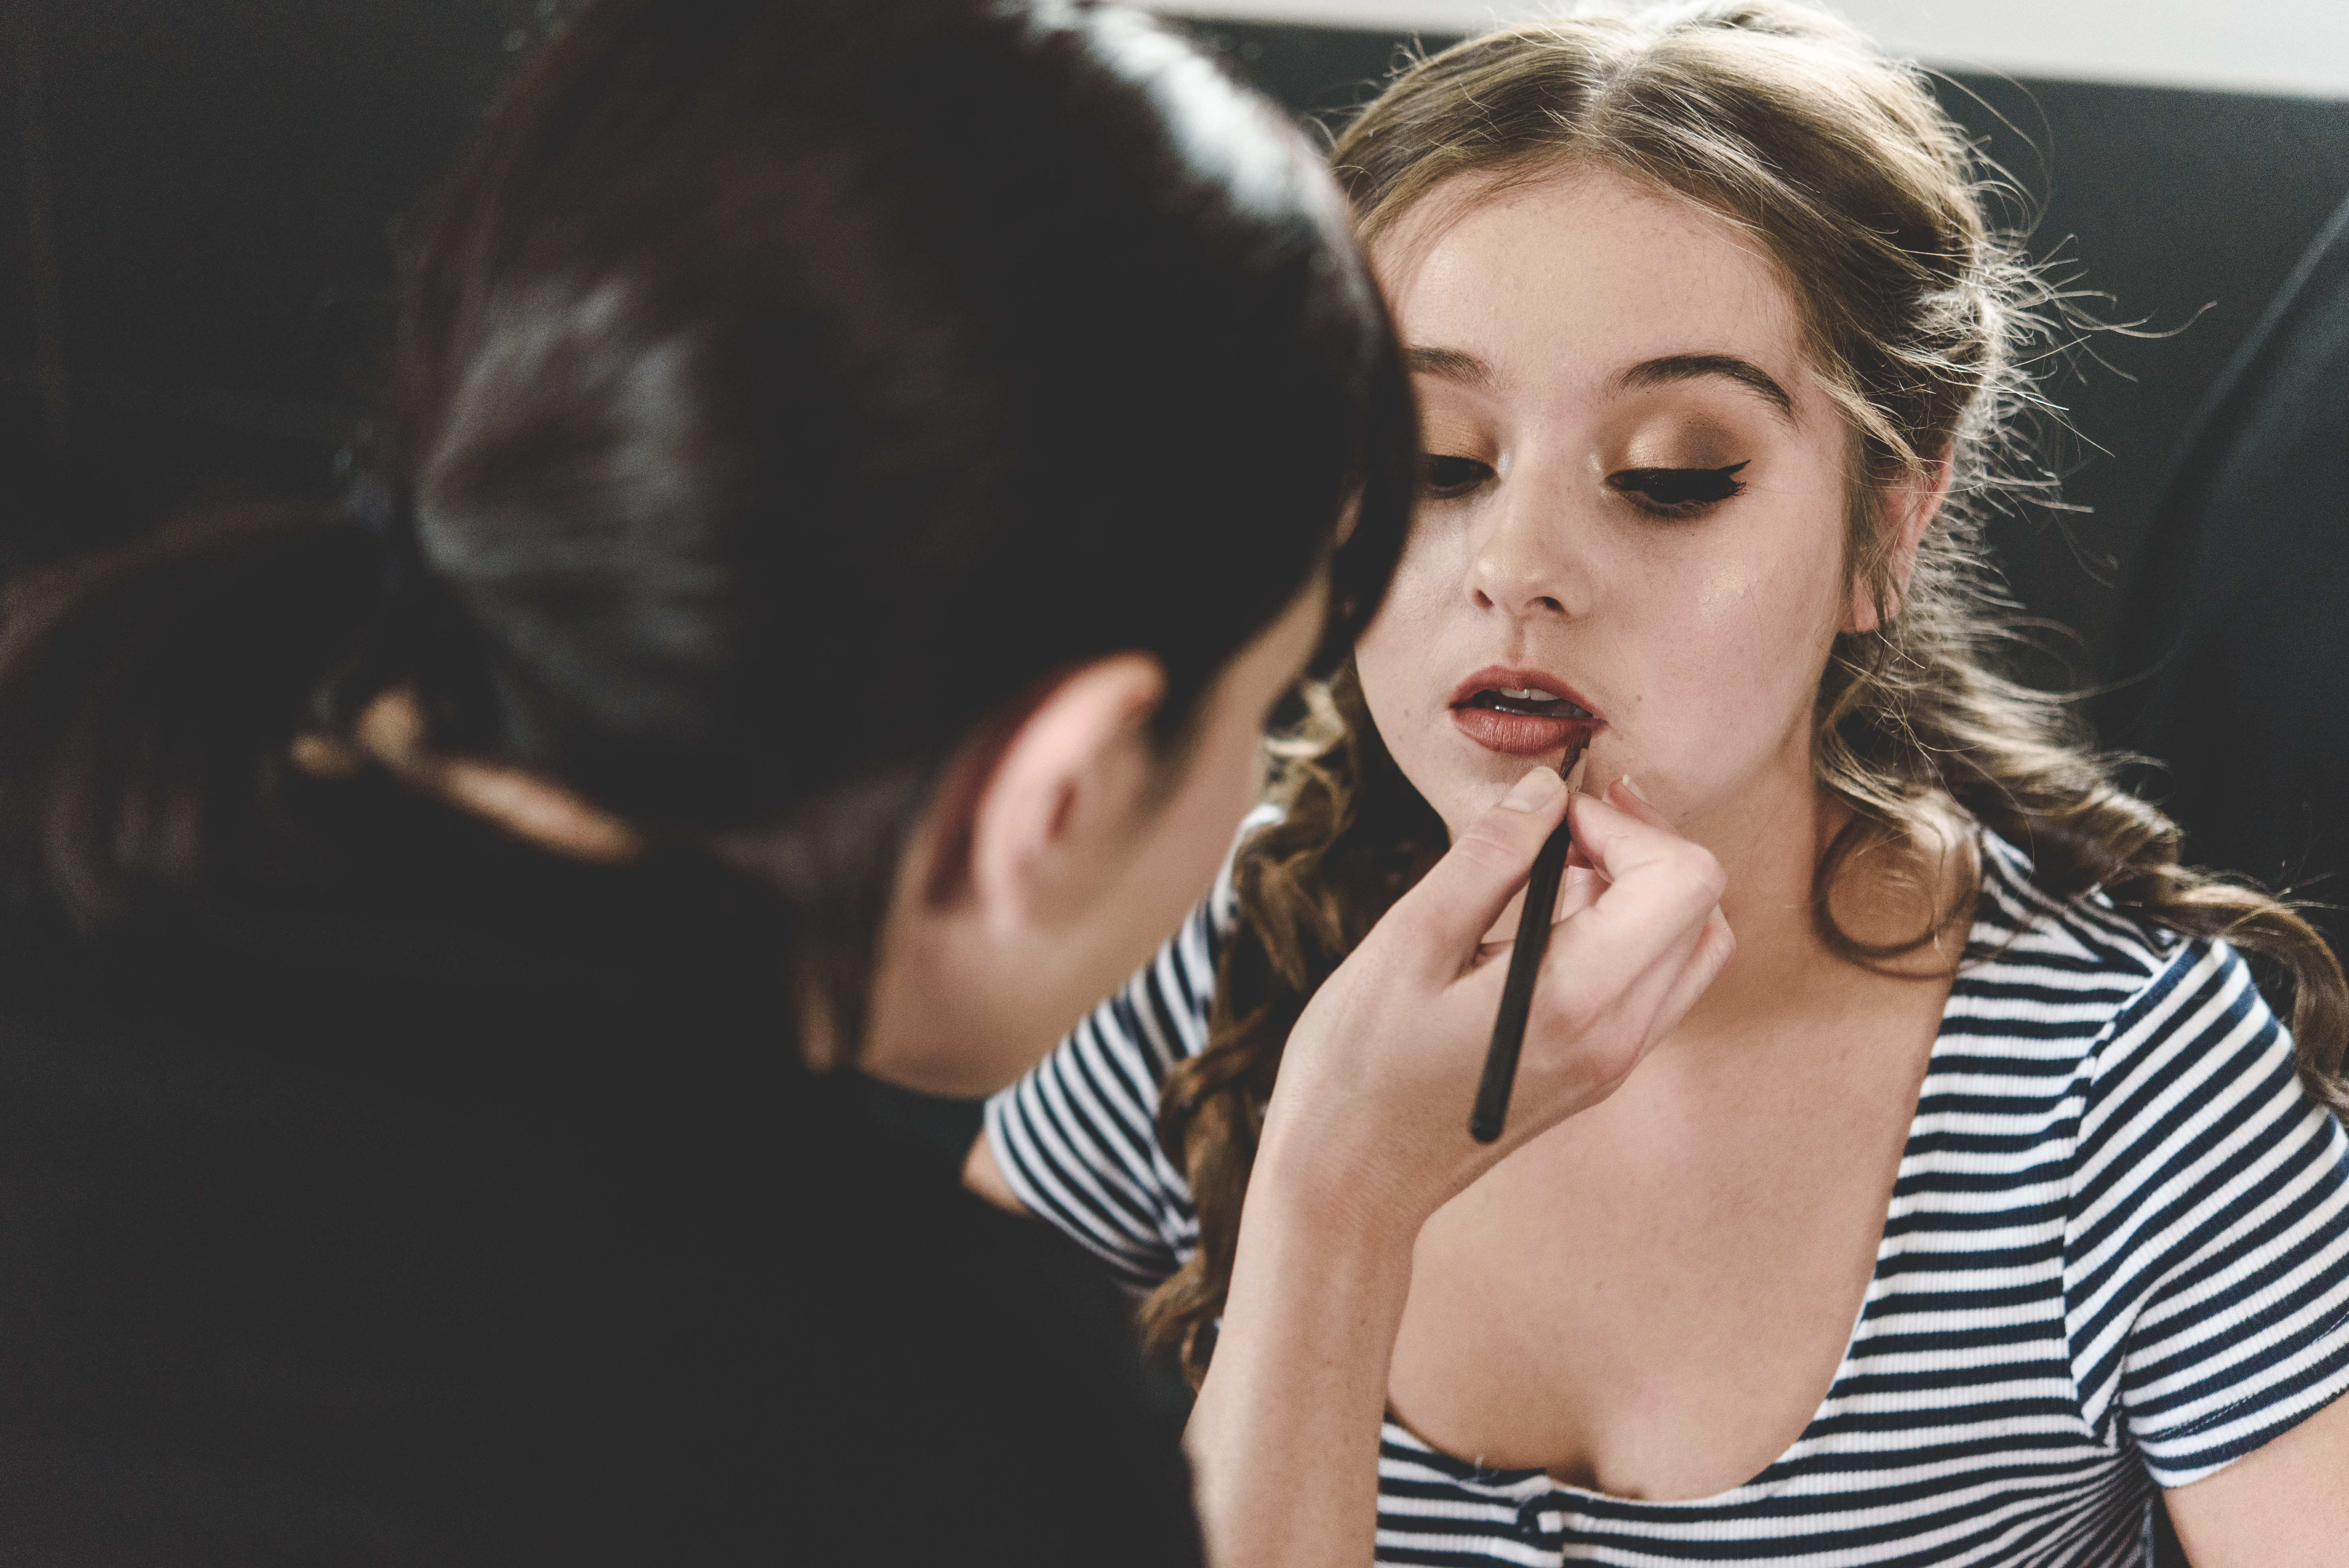 Make up at home studio